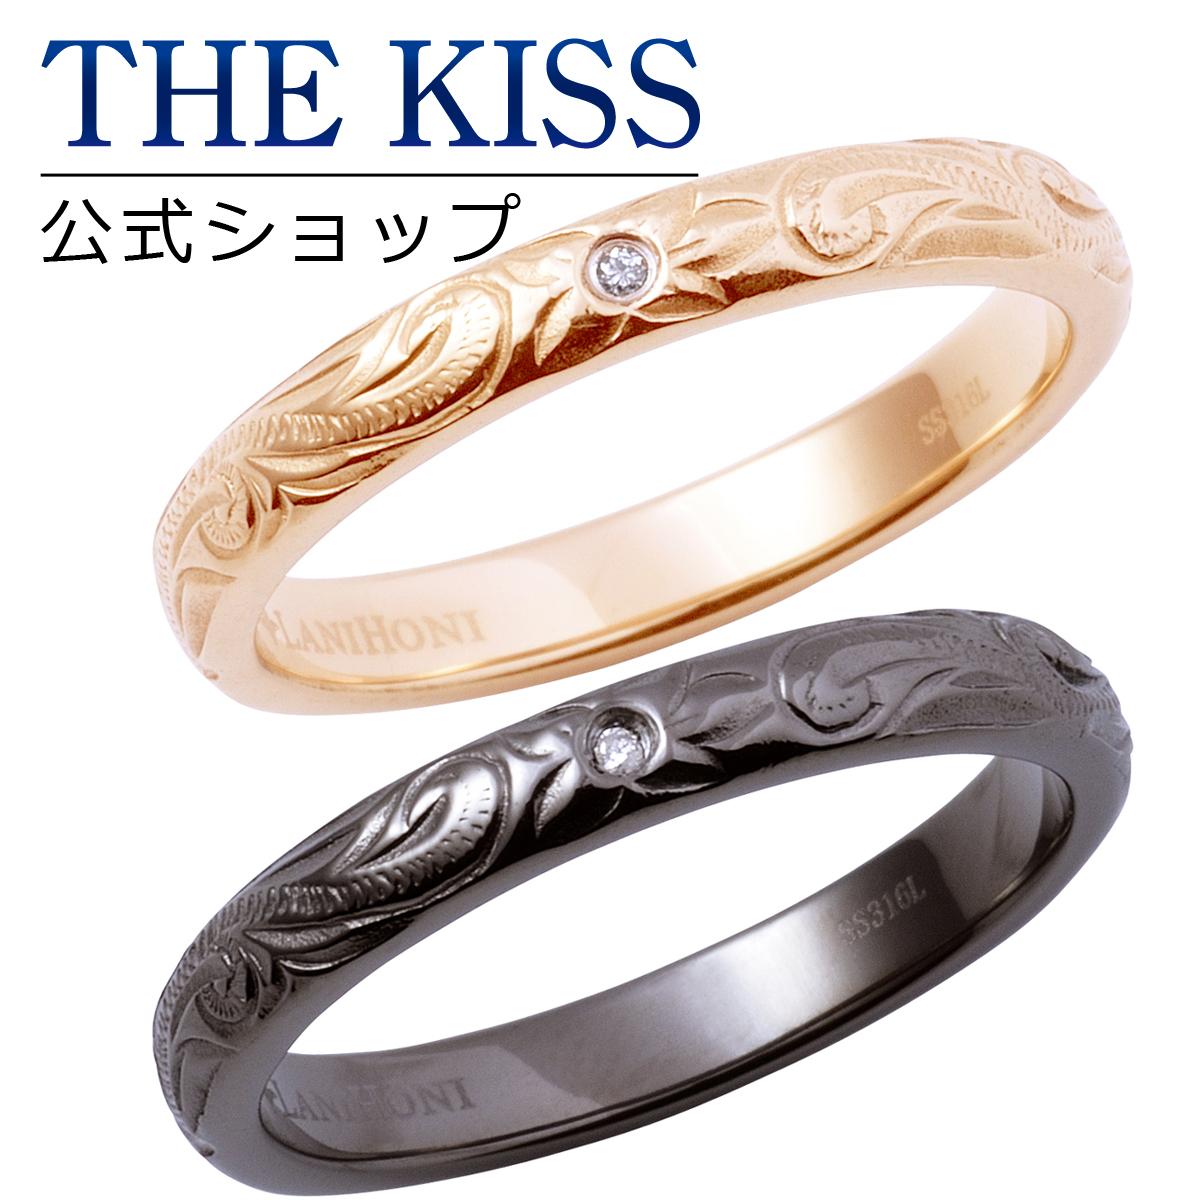 【あす楽対応】THE KISS 公式サイト ステンレス ハワイアン ペアリング ペアアクセサリー カップル に 人気 の ジュエリーブランド THEKISS ペア リング・指輪 記念日 プレゼント L-R8023DM-8024DM セット シンプル ザキス 【送料無料】